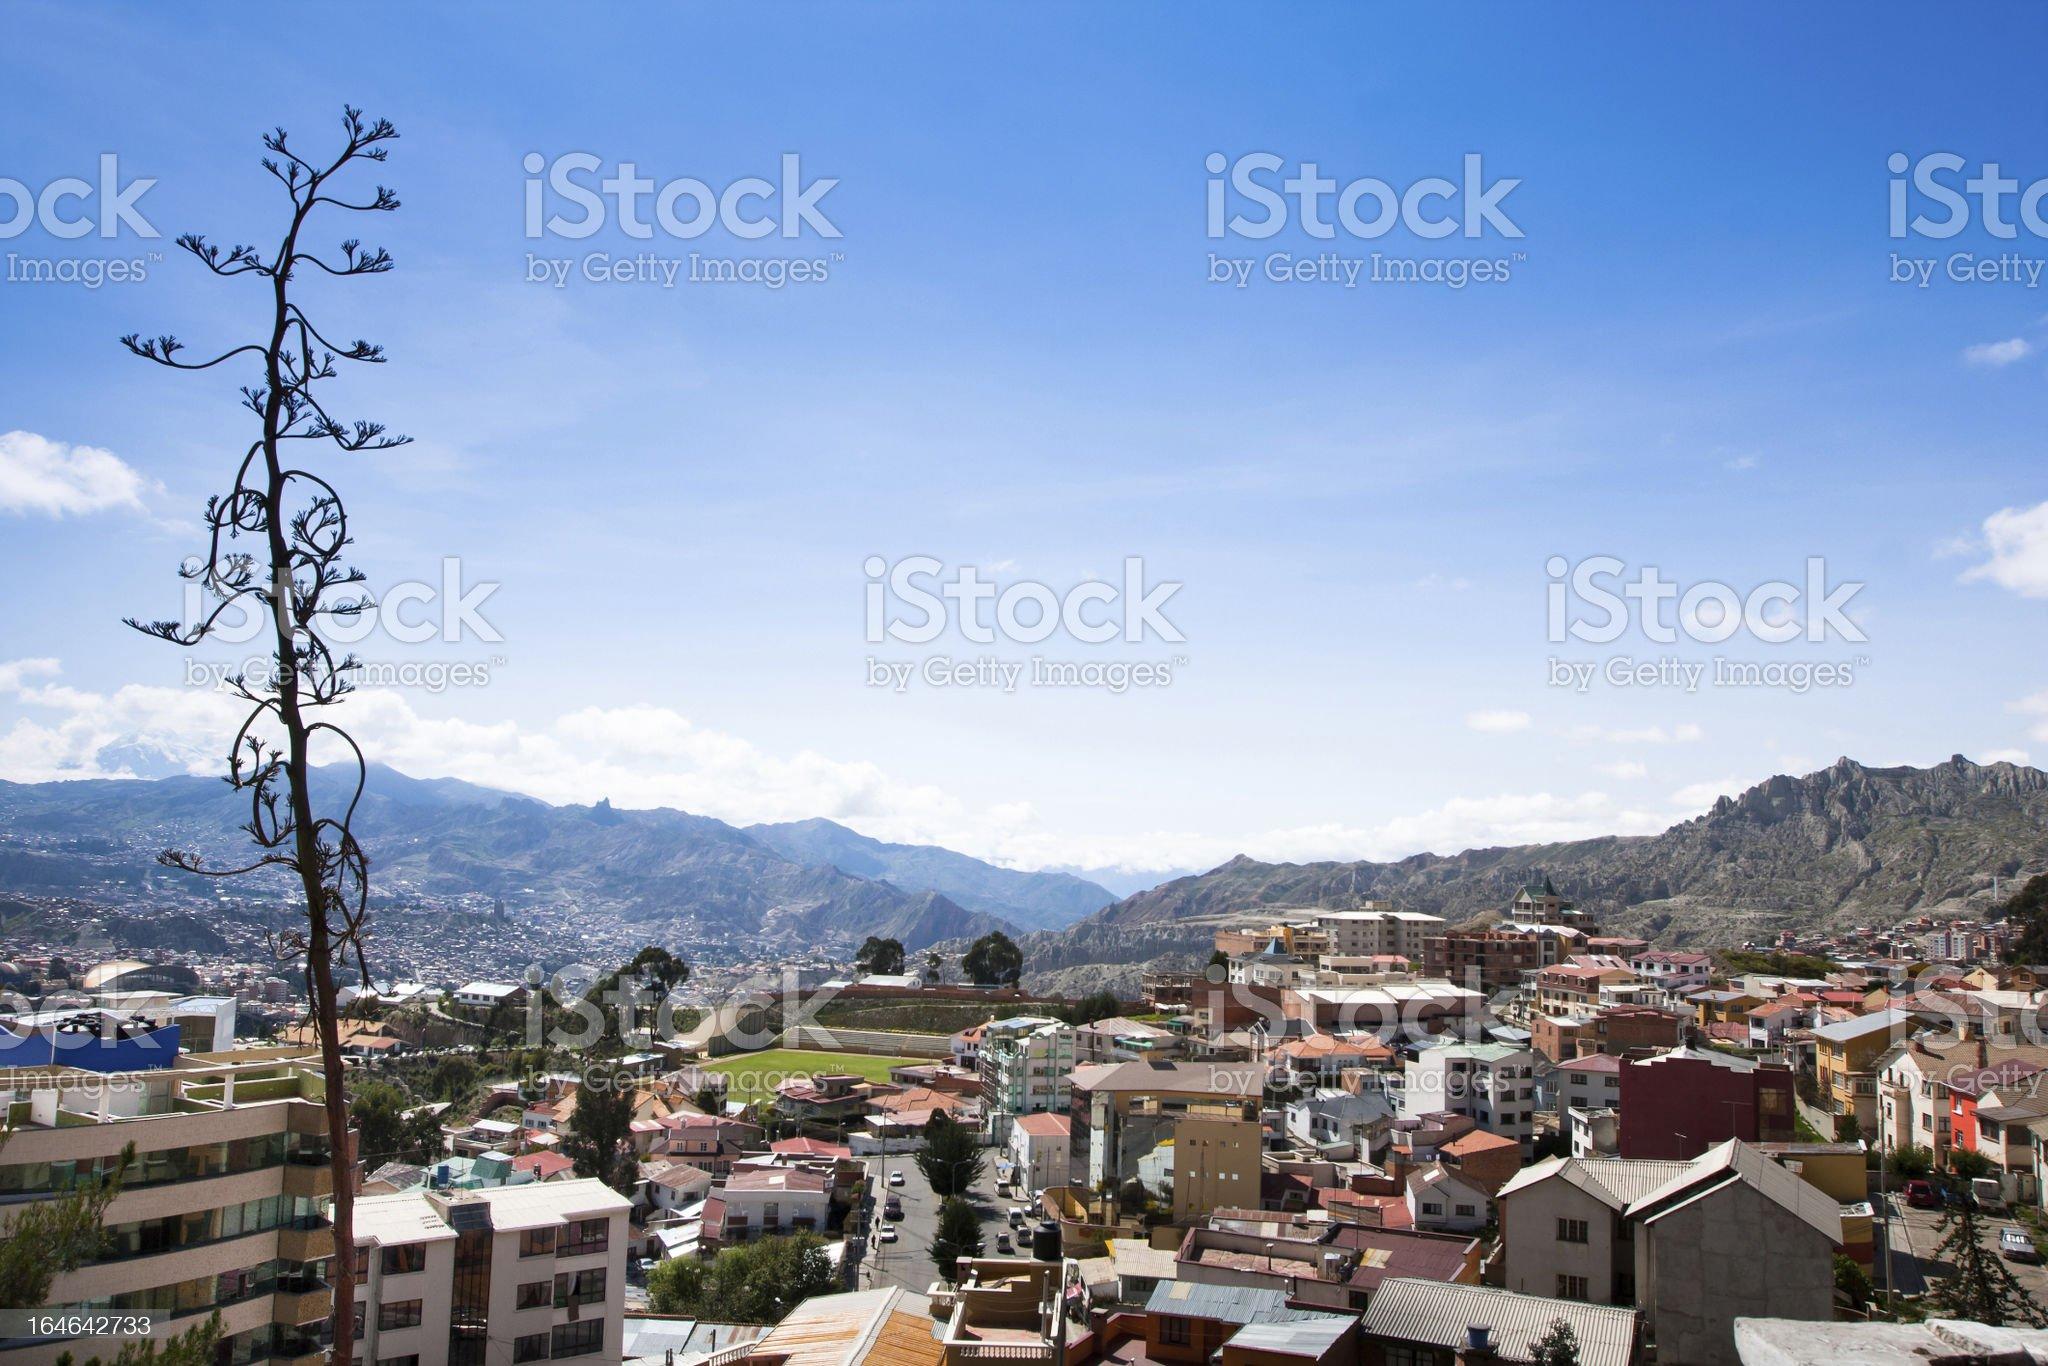 La Paz, Bolivia royalty-free stock photo